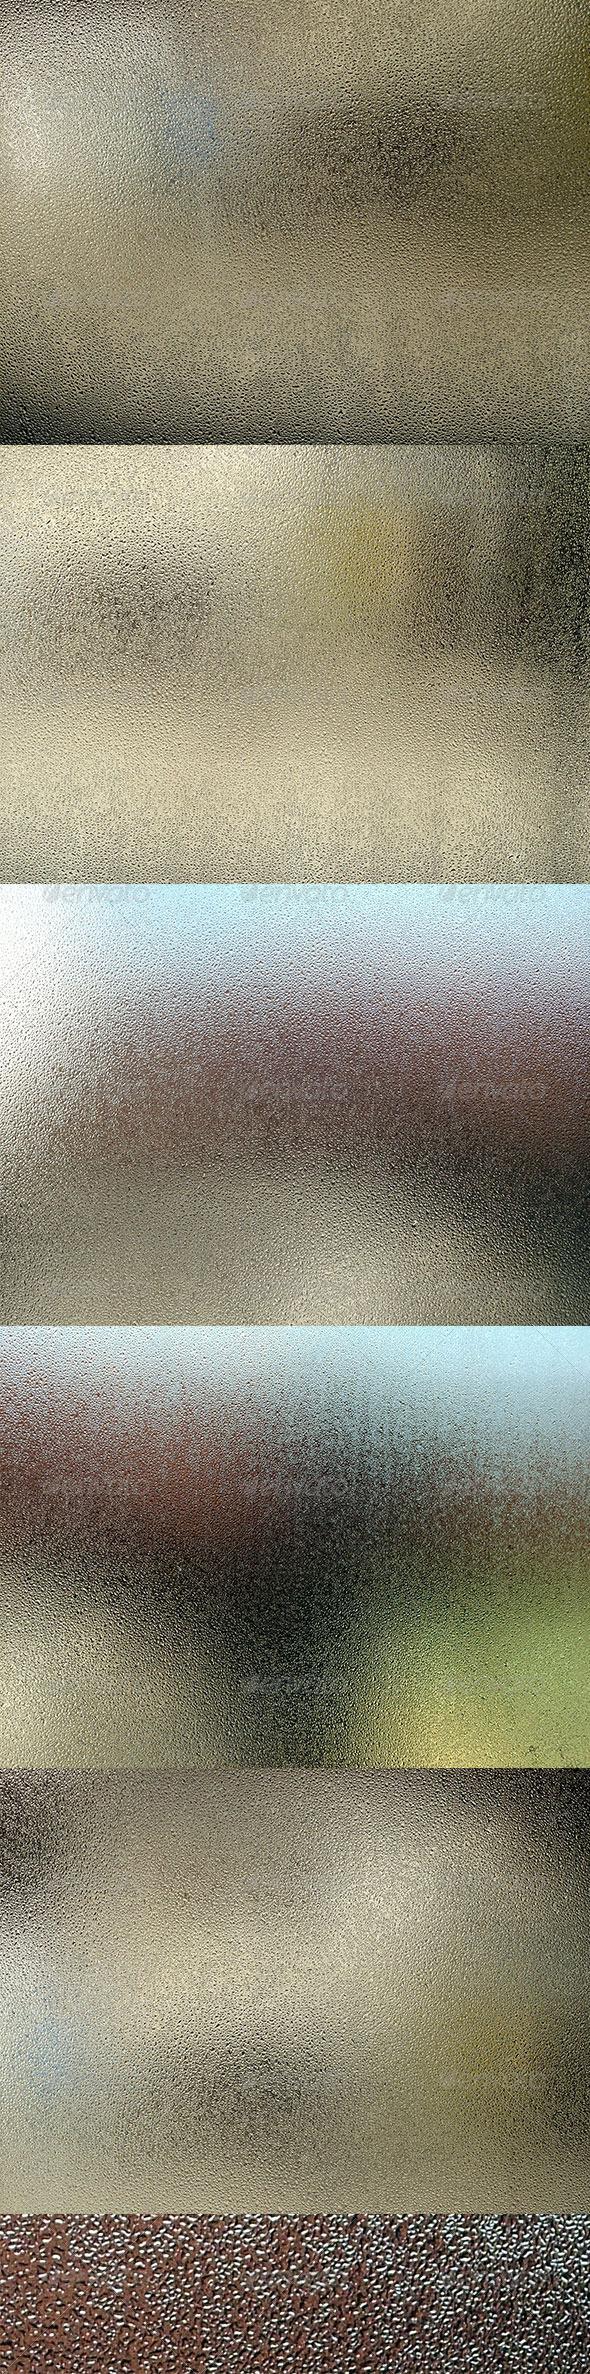 Sauna Wet Windows - Liquid Textures